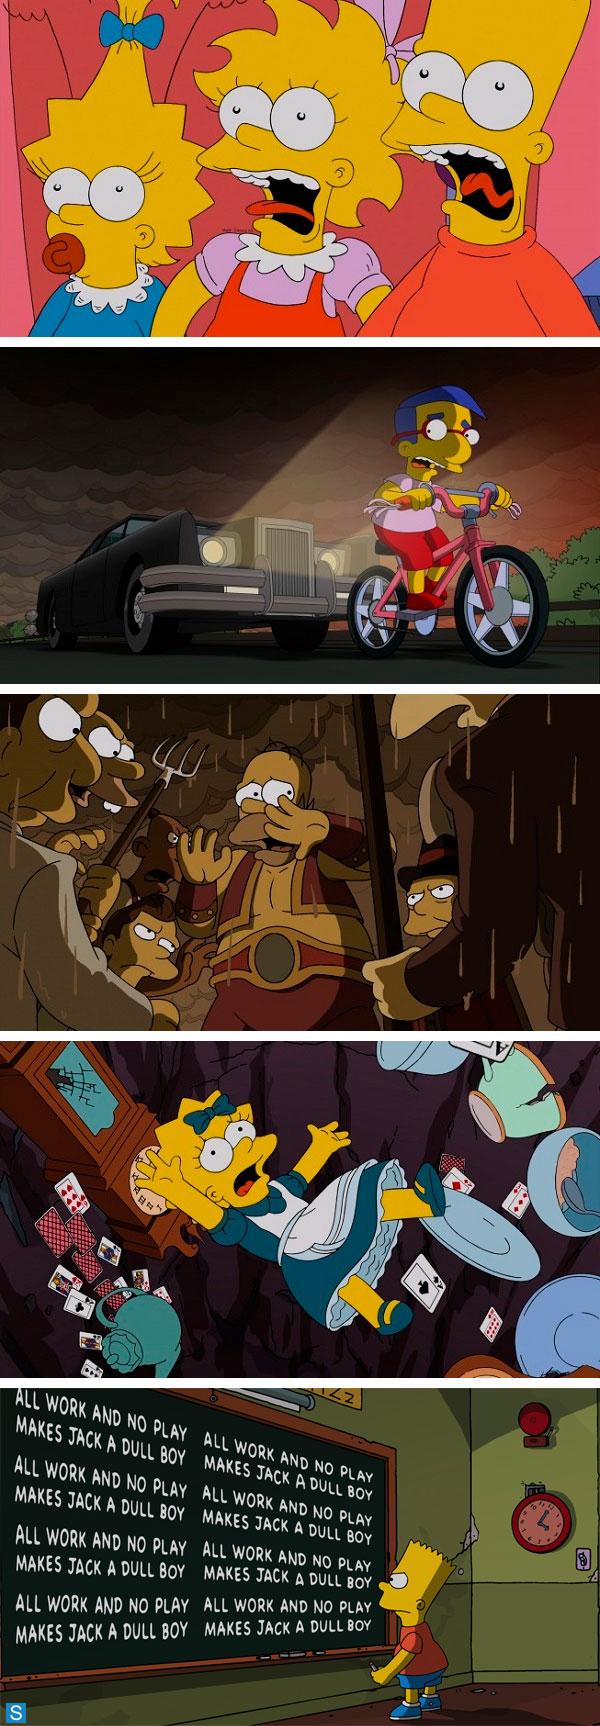 Episodio de Los Simpson dirigido por Guillermo del Toro .